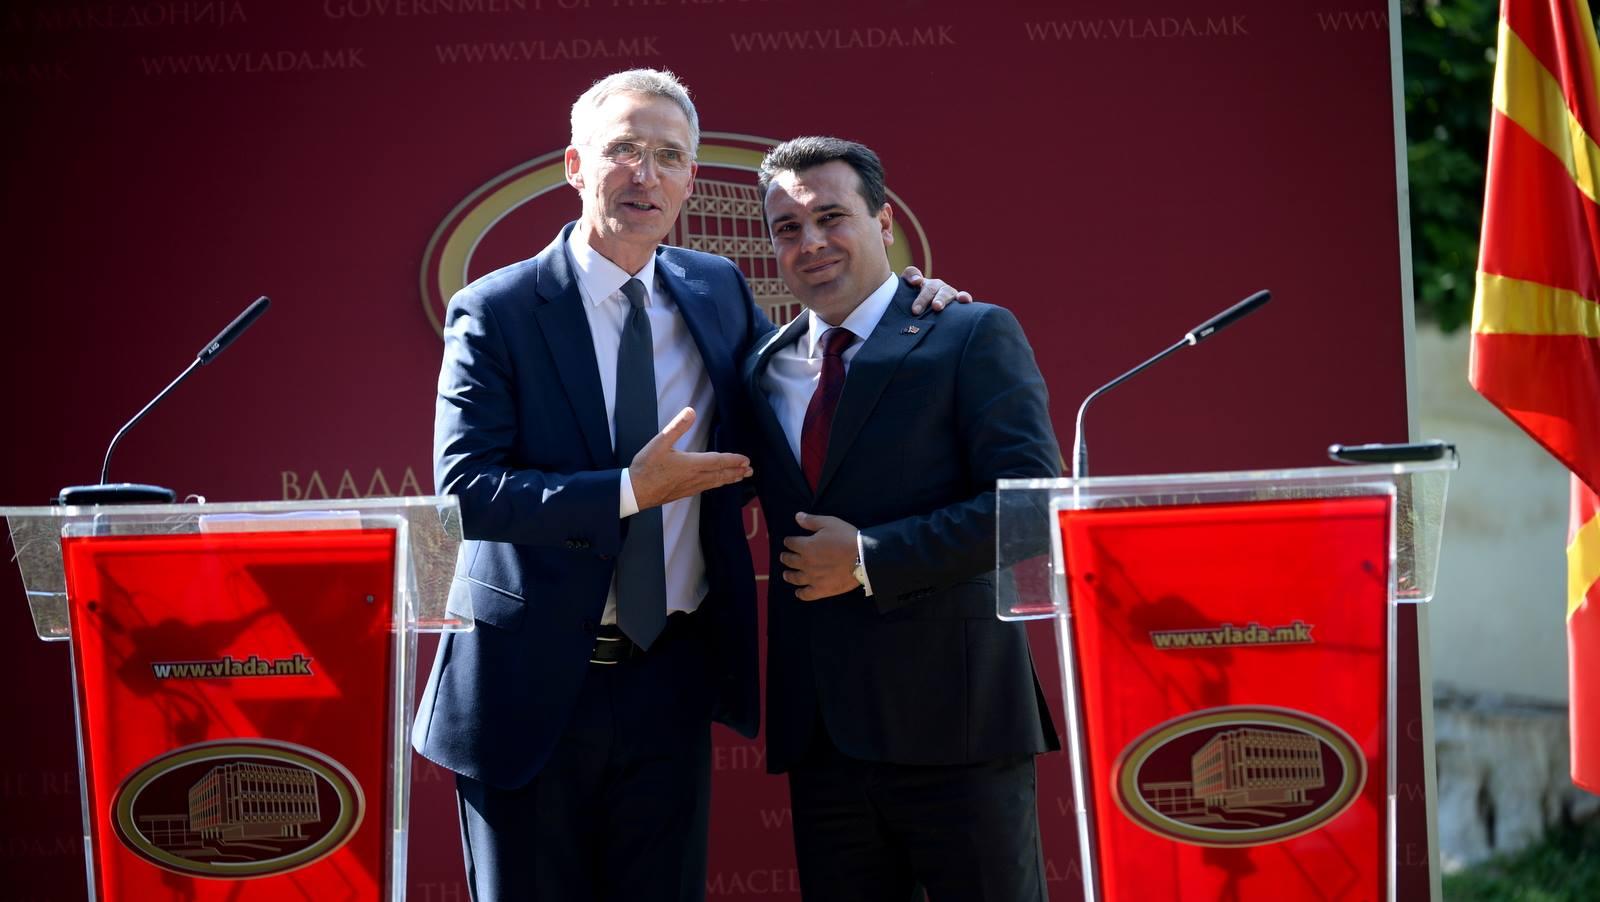 Stoltenberg-Zaev: A successful referendum will guarantee NATO and EU accession